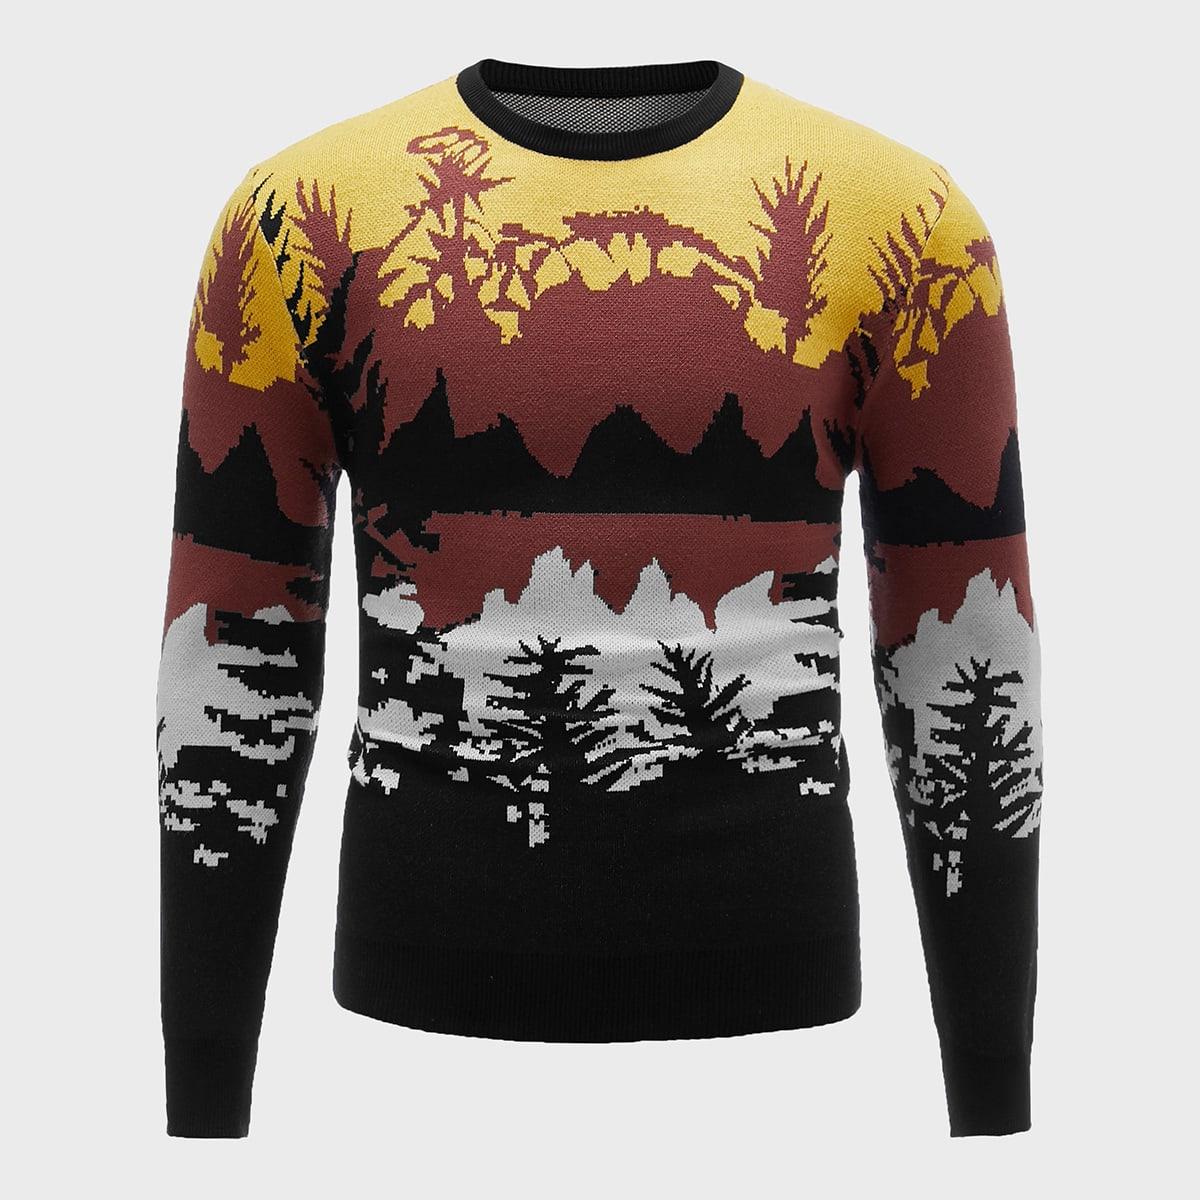 Мужской свитер с принтом ландшафта